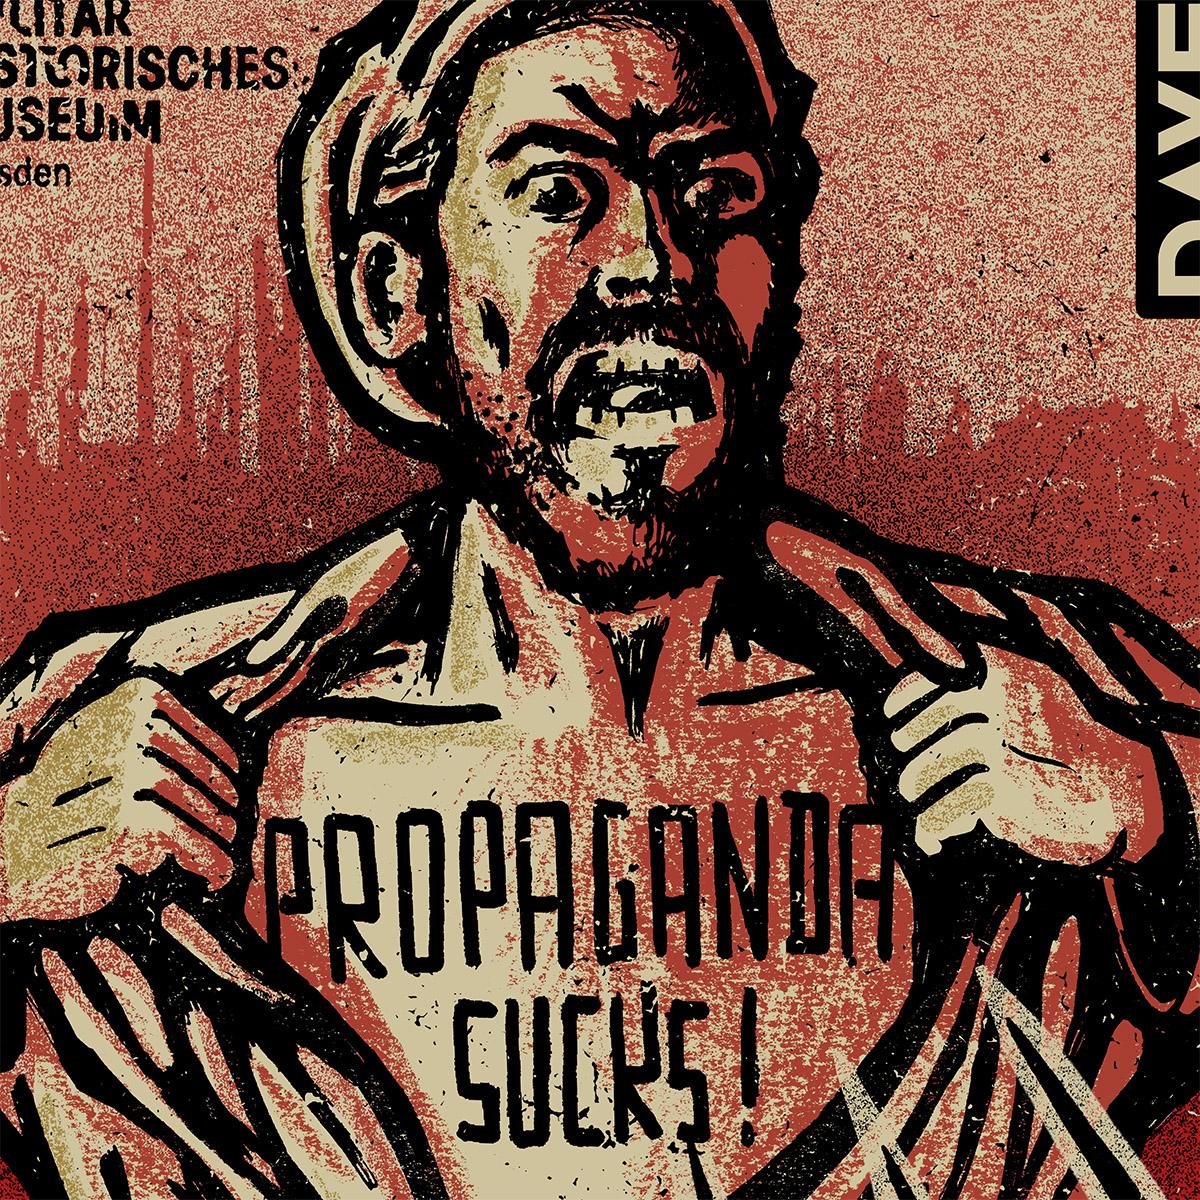 Propaganda Sucks!